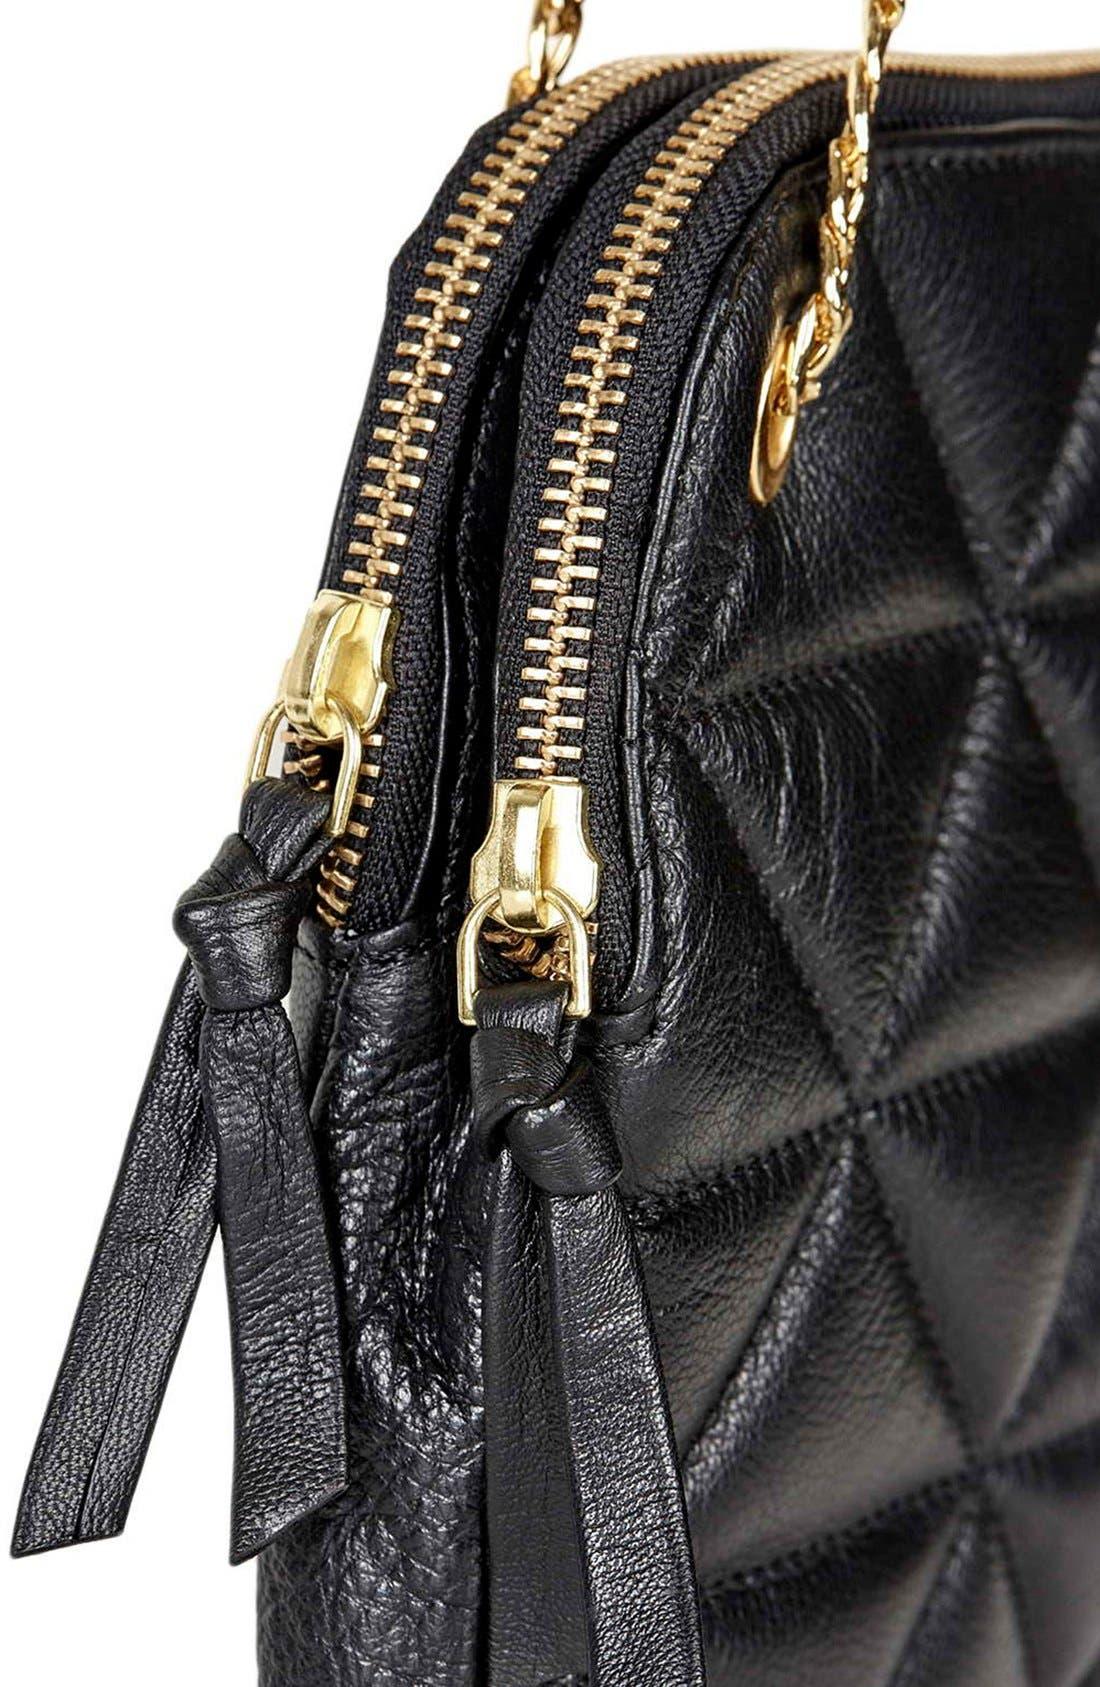 TOPSHOP, Quilted Leather Shoulder Bag, Alternate thumbnail 2, color, 001